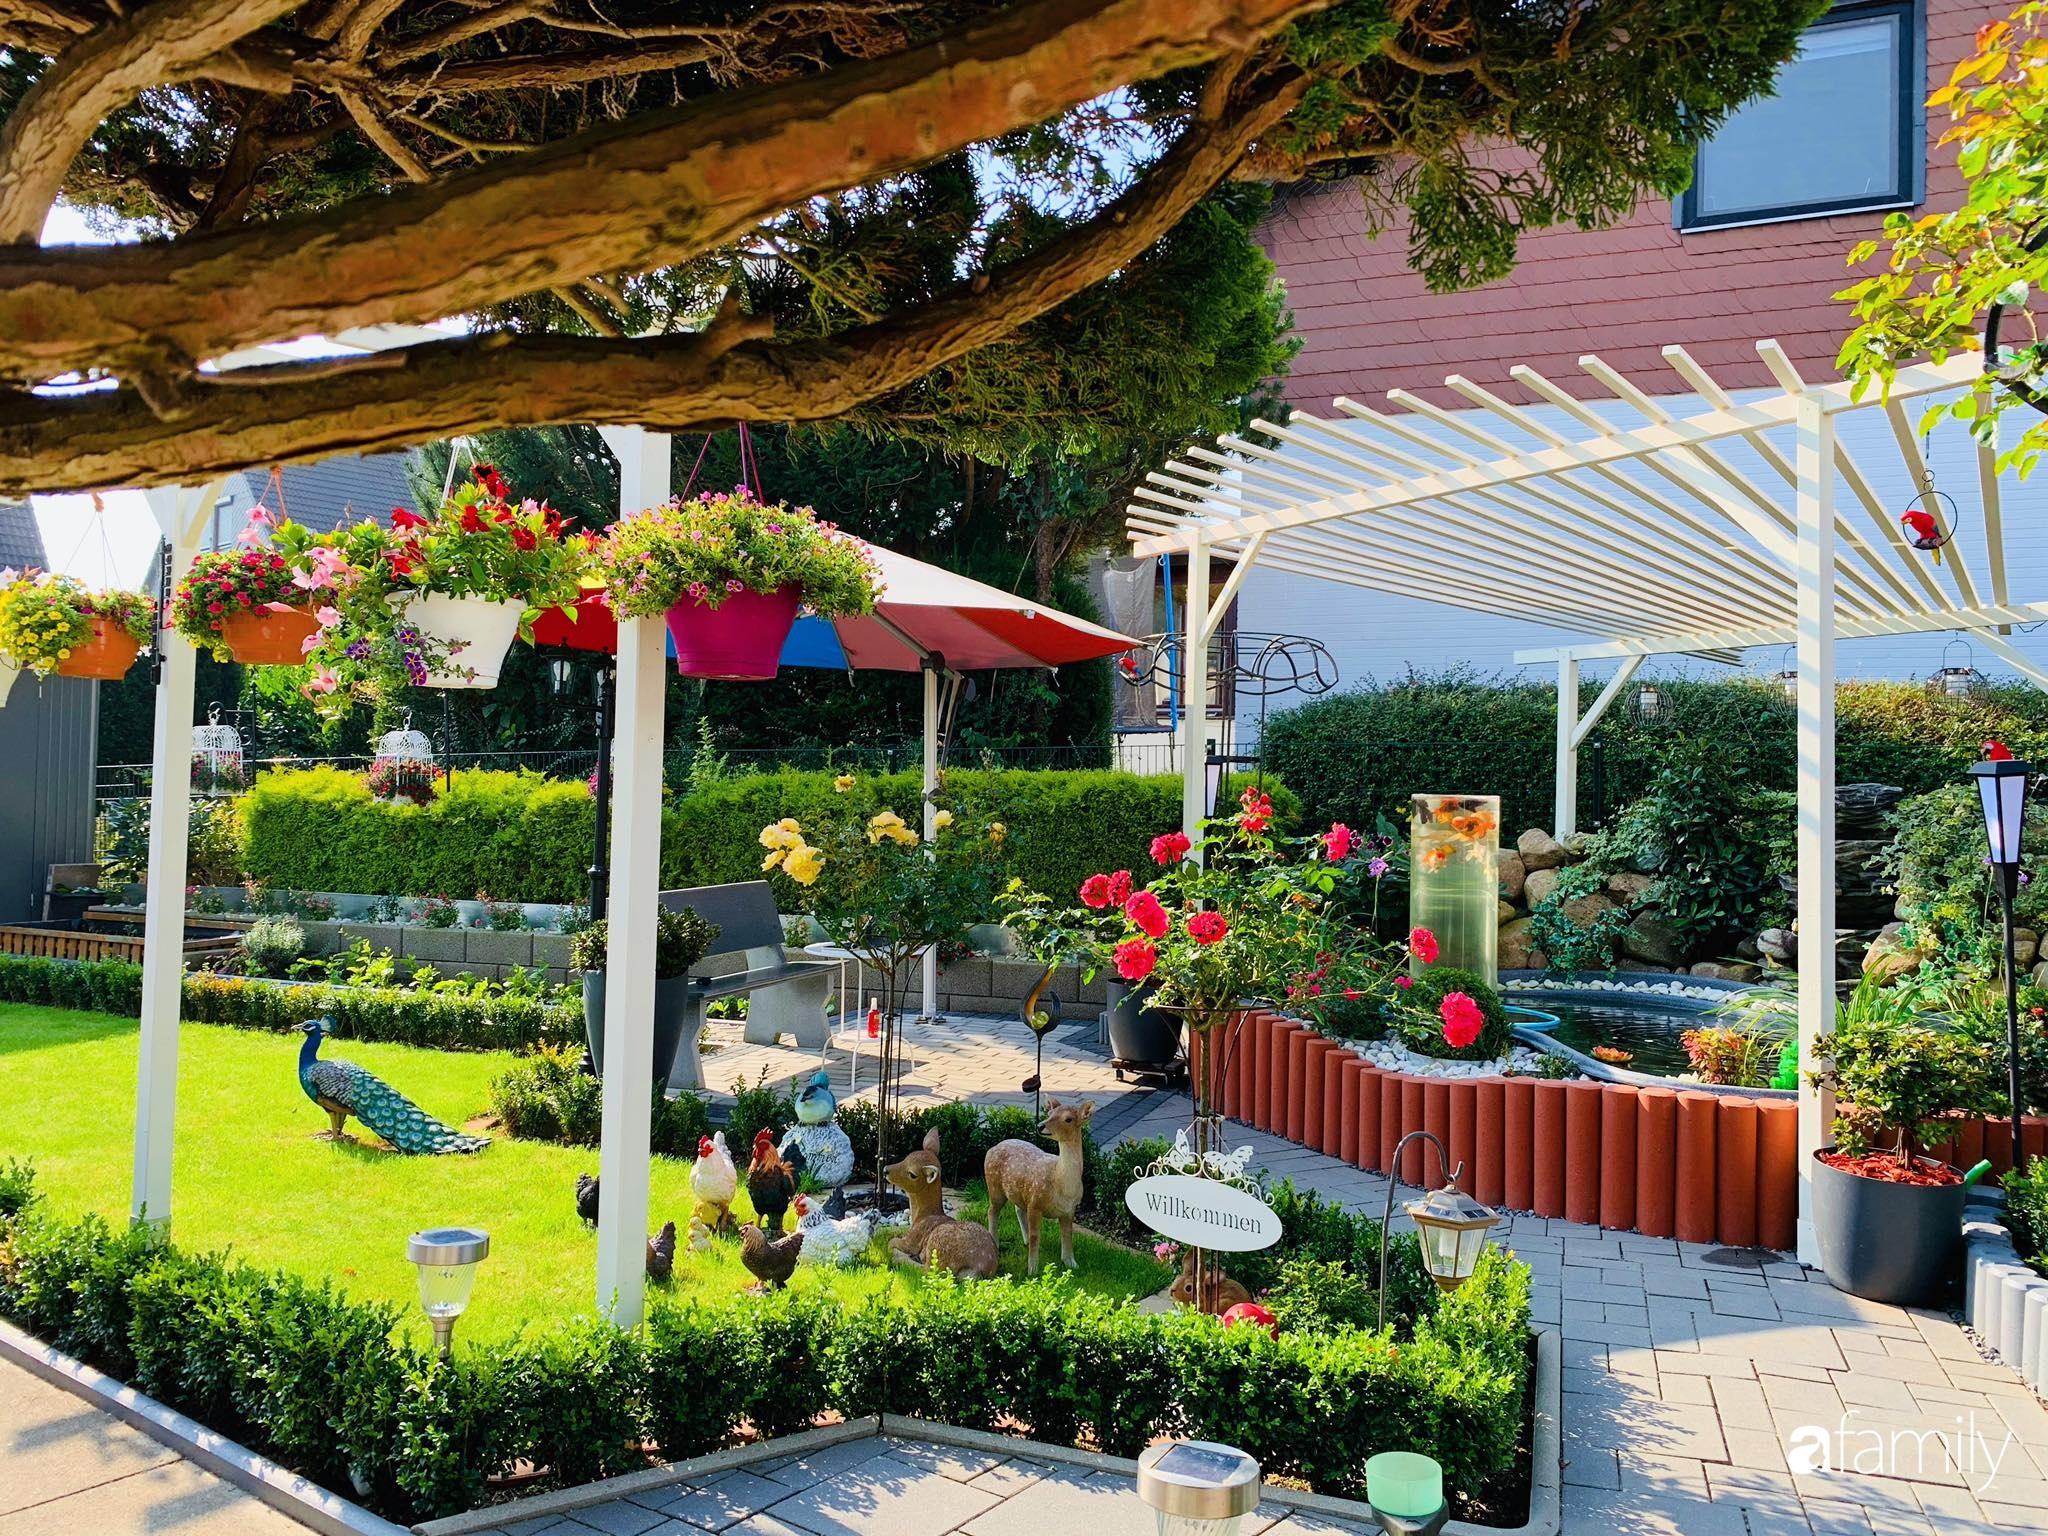 """Vườn hoa 500m² đẹp như cổ tích được tạo bởi tình yêu thiên nhiên của cặp vợ chồng dành cả """"thanh xuân"""" để trồng cây - Ảnh 1."""